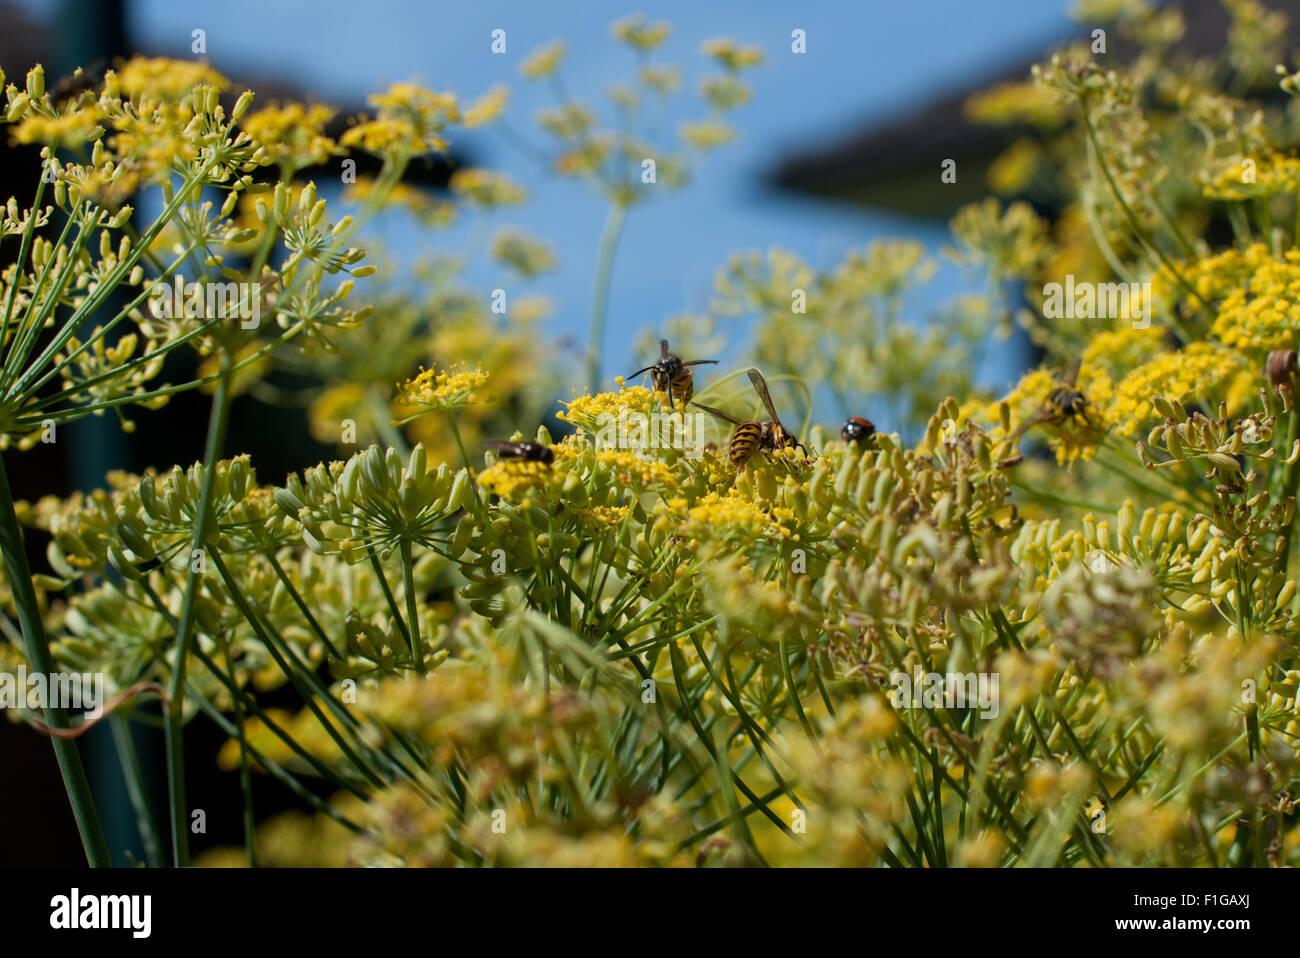 Wespes sitzen auf Fenchelblüten, whasps sitting on fennel blossoms - Stock Image